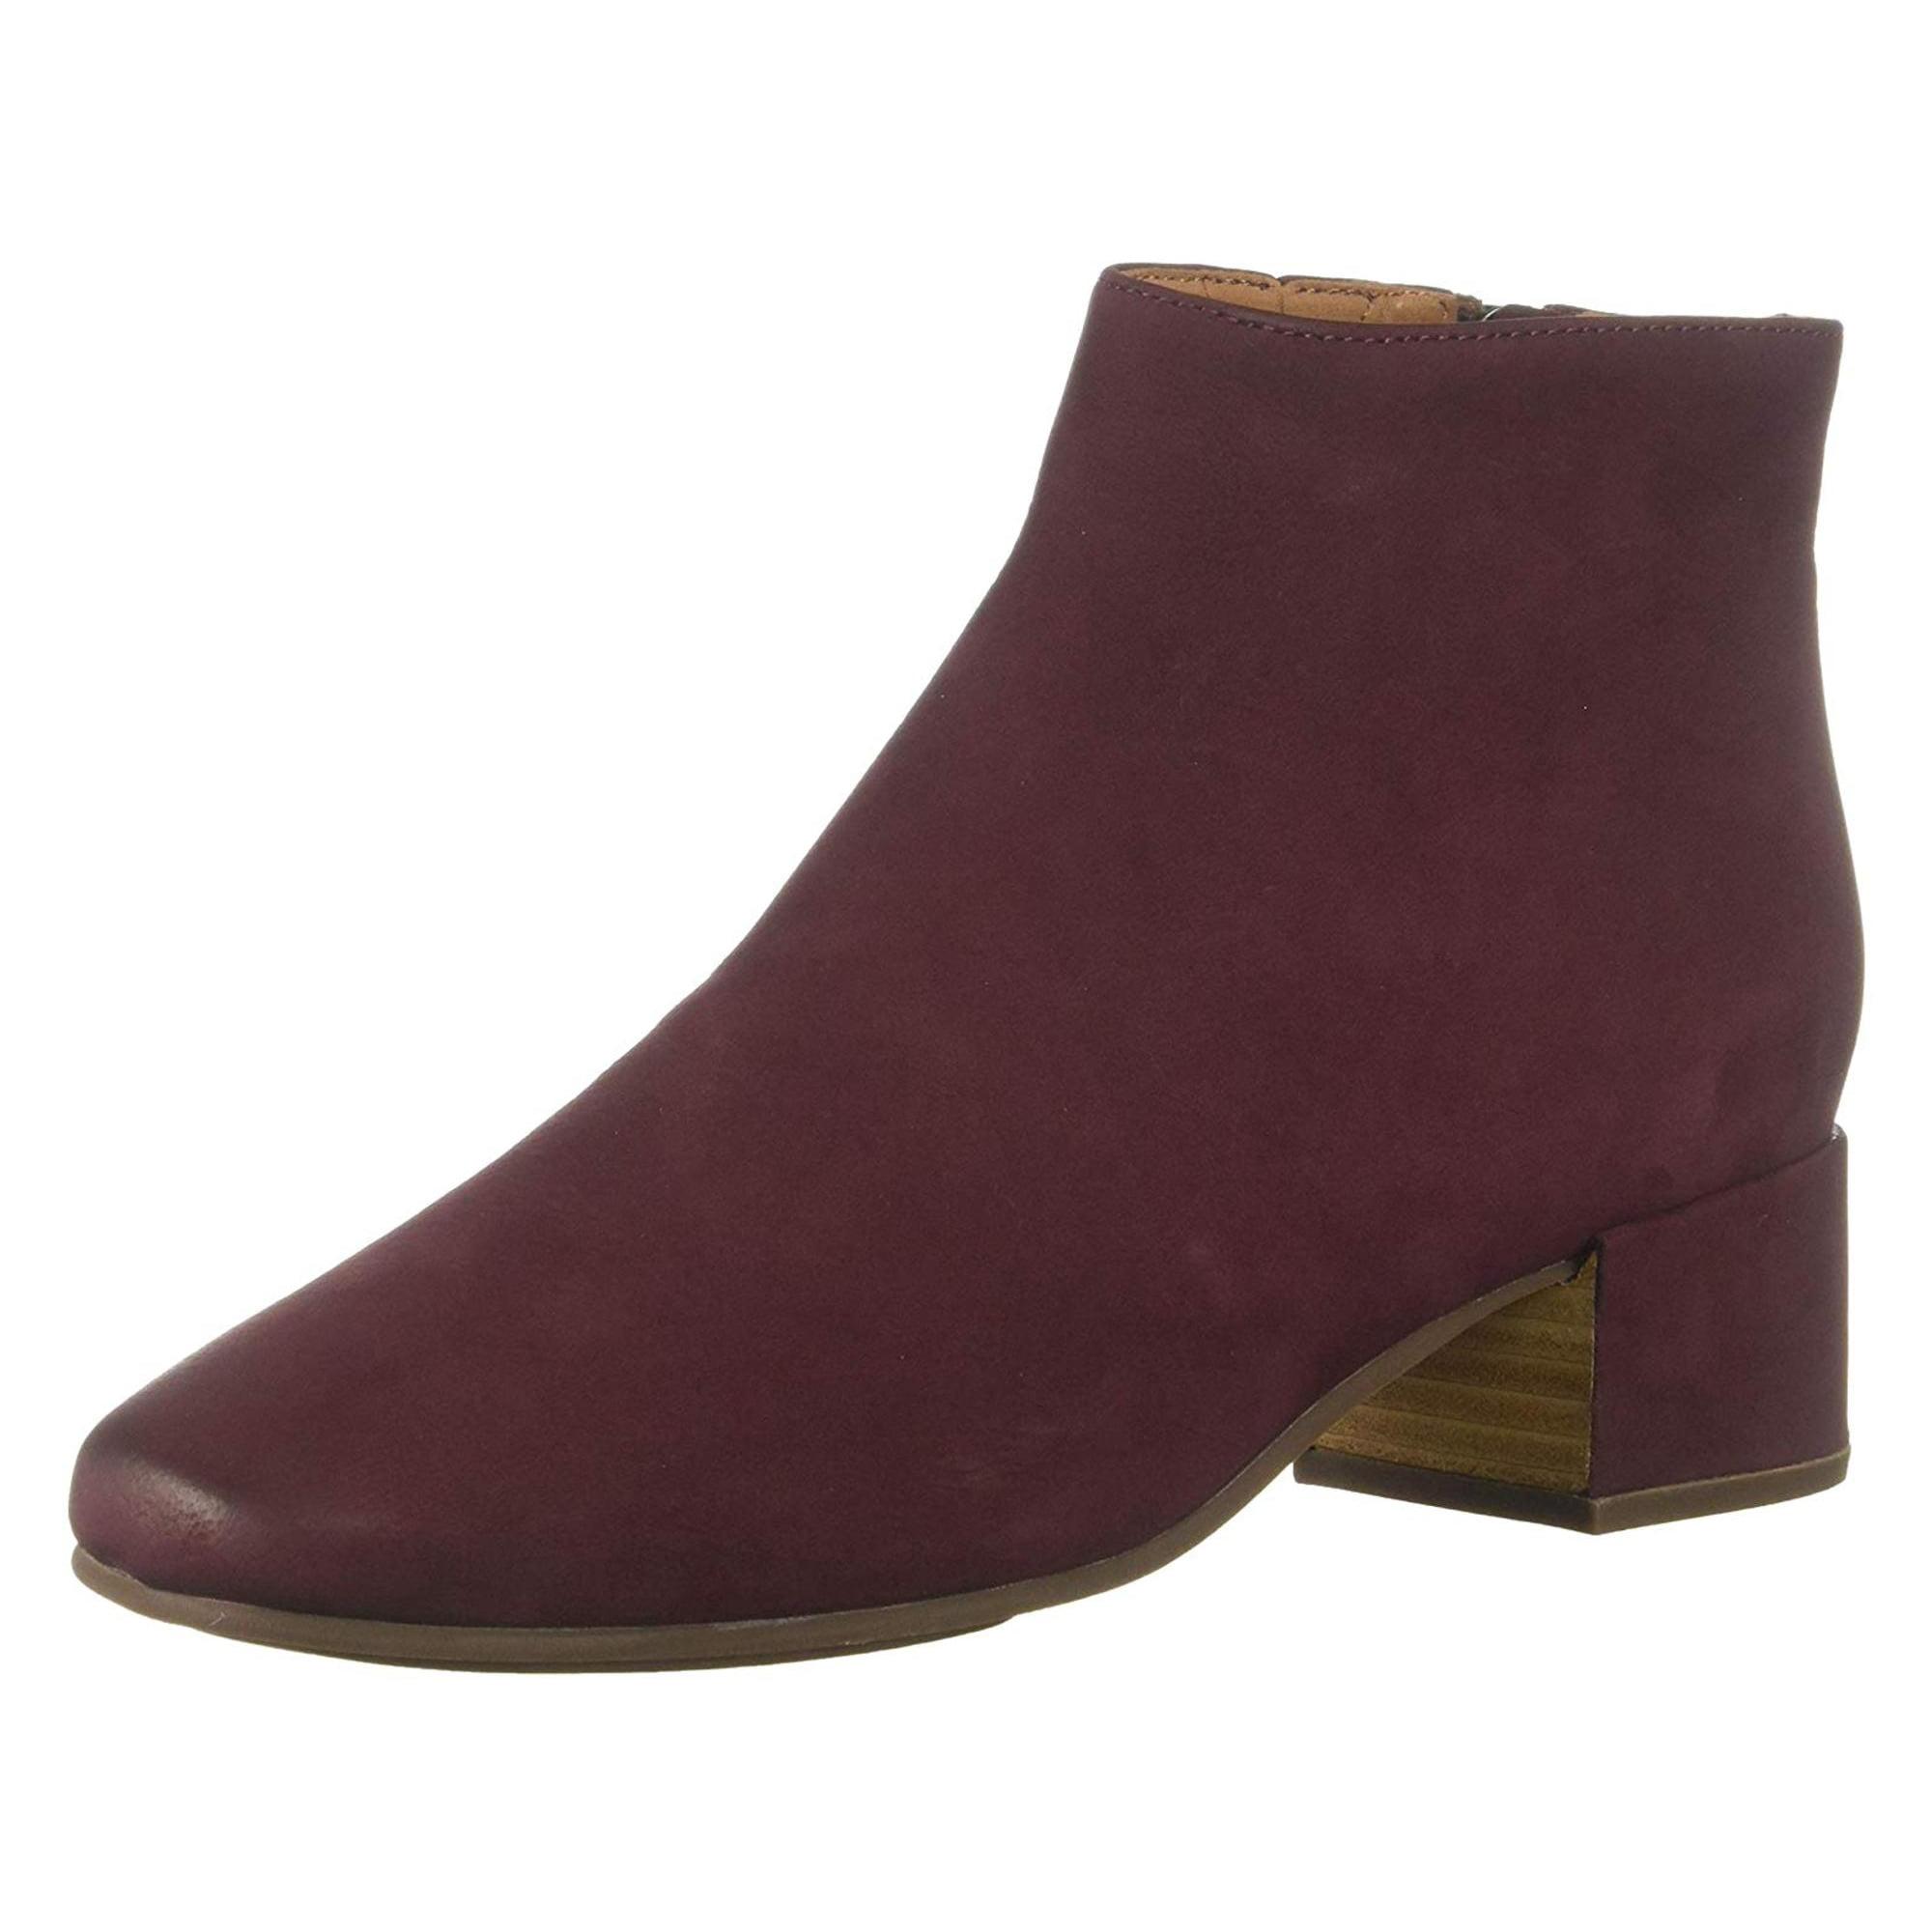 68742d40db514 Gentle Souls Women's Ella Low Heel Bootie Ankle Boot